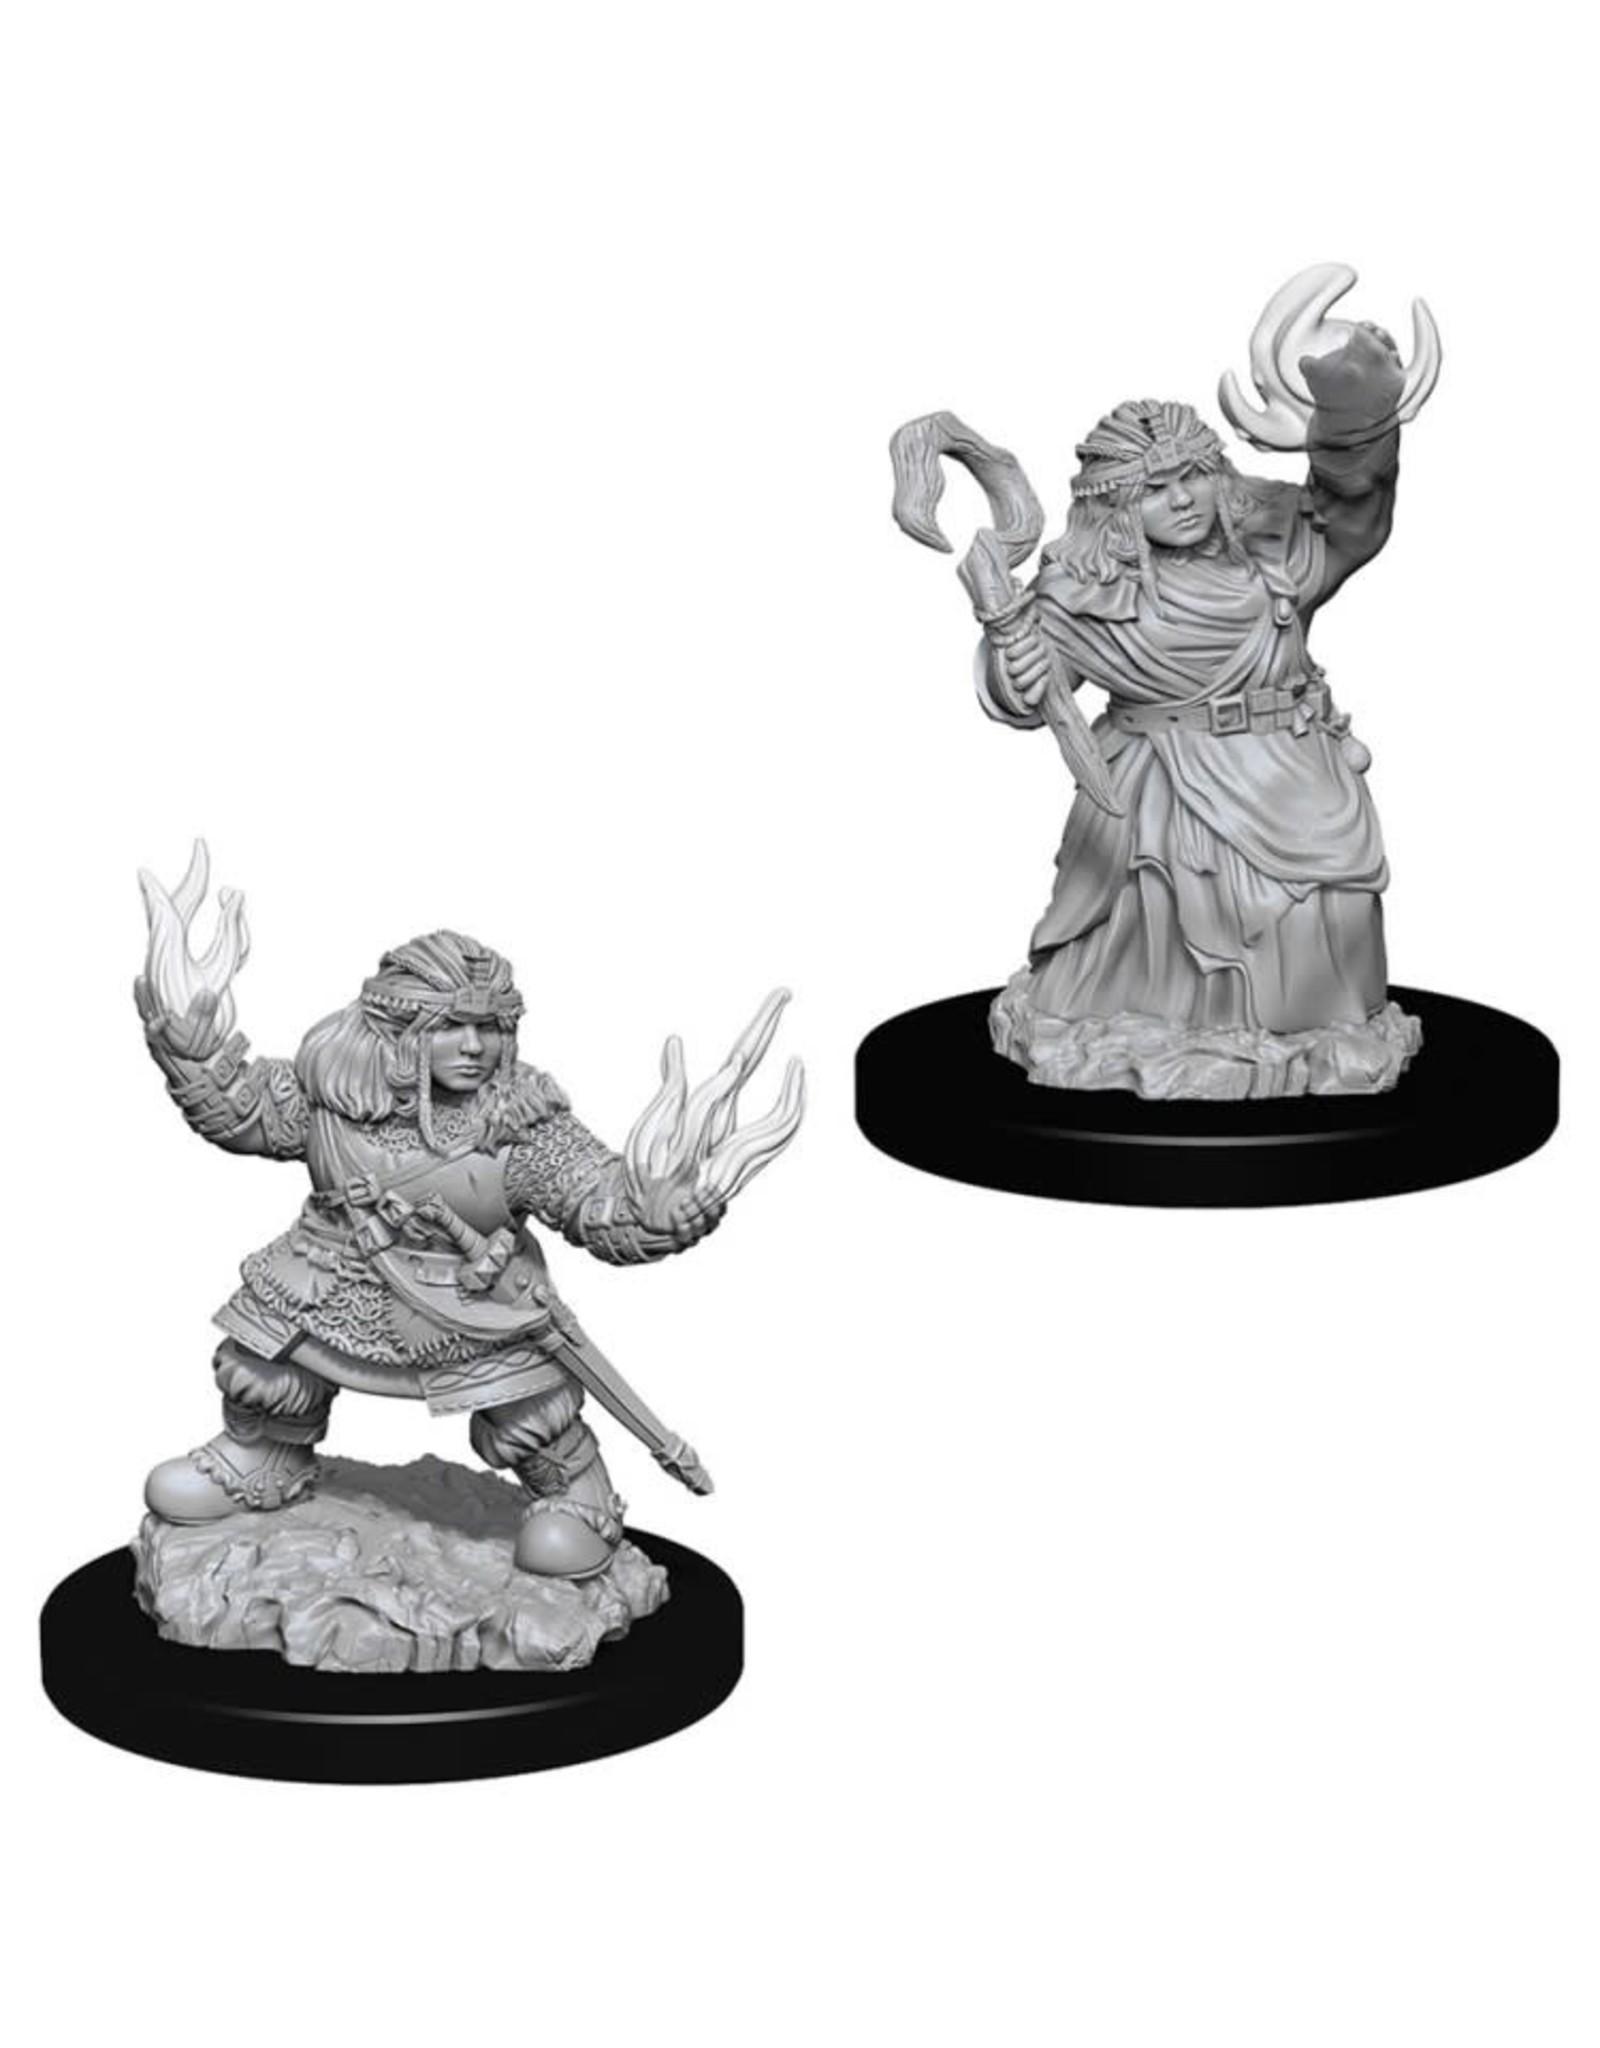 WizKids Pathfinder Minis (unpainted): Dwarf Summoner (female) Wave 7, 73543